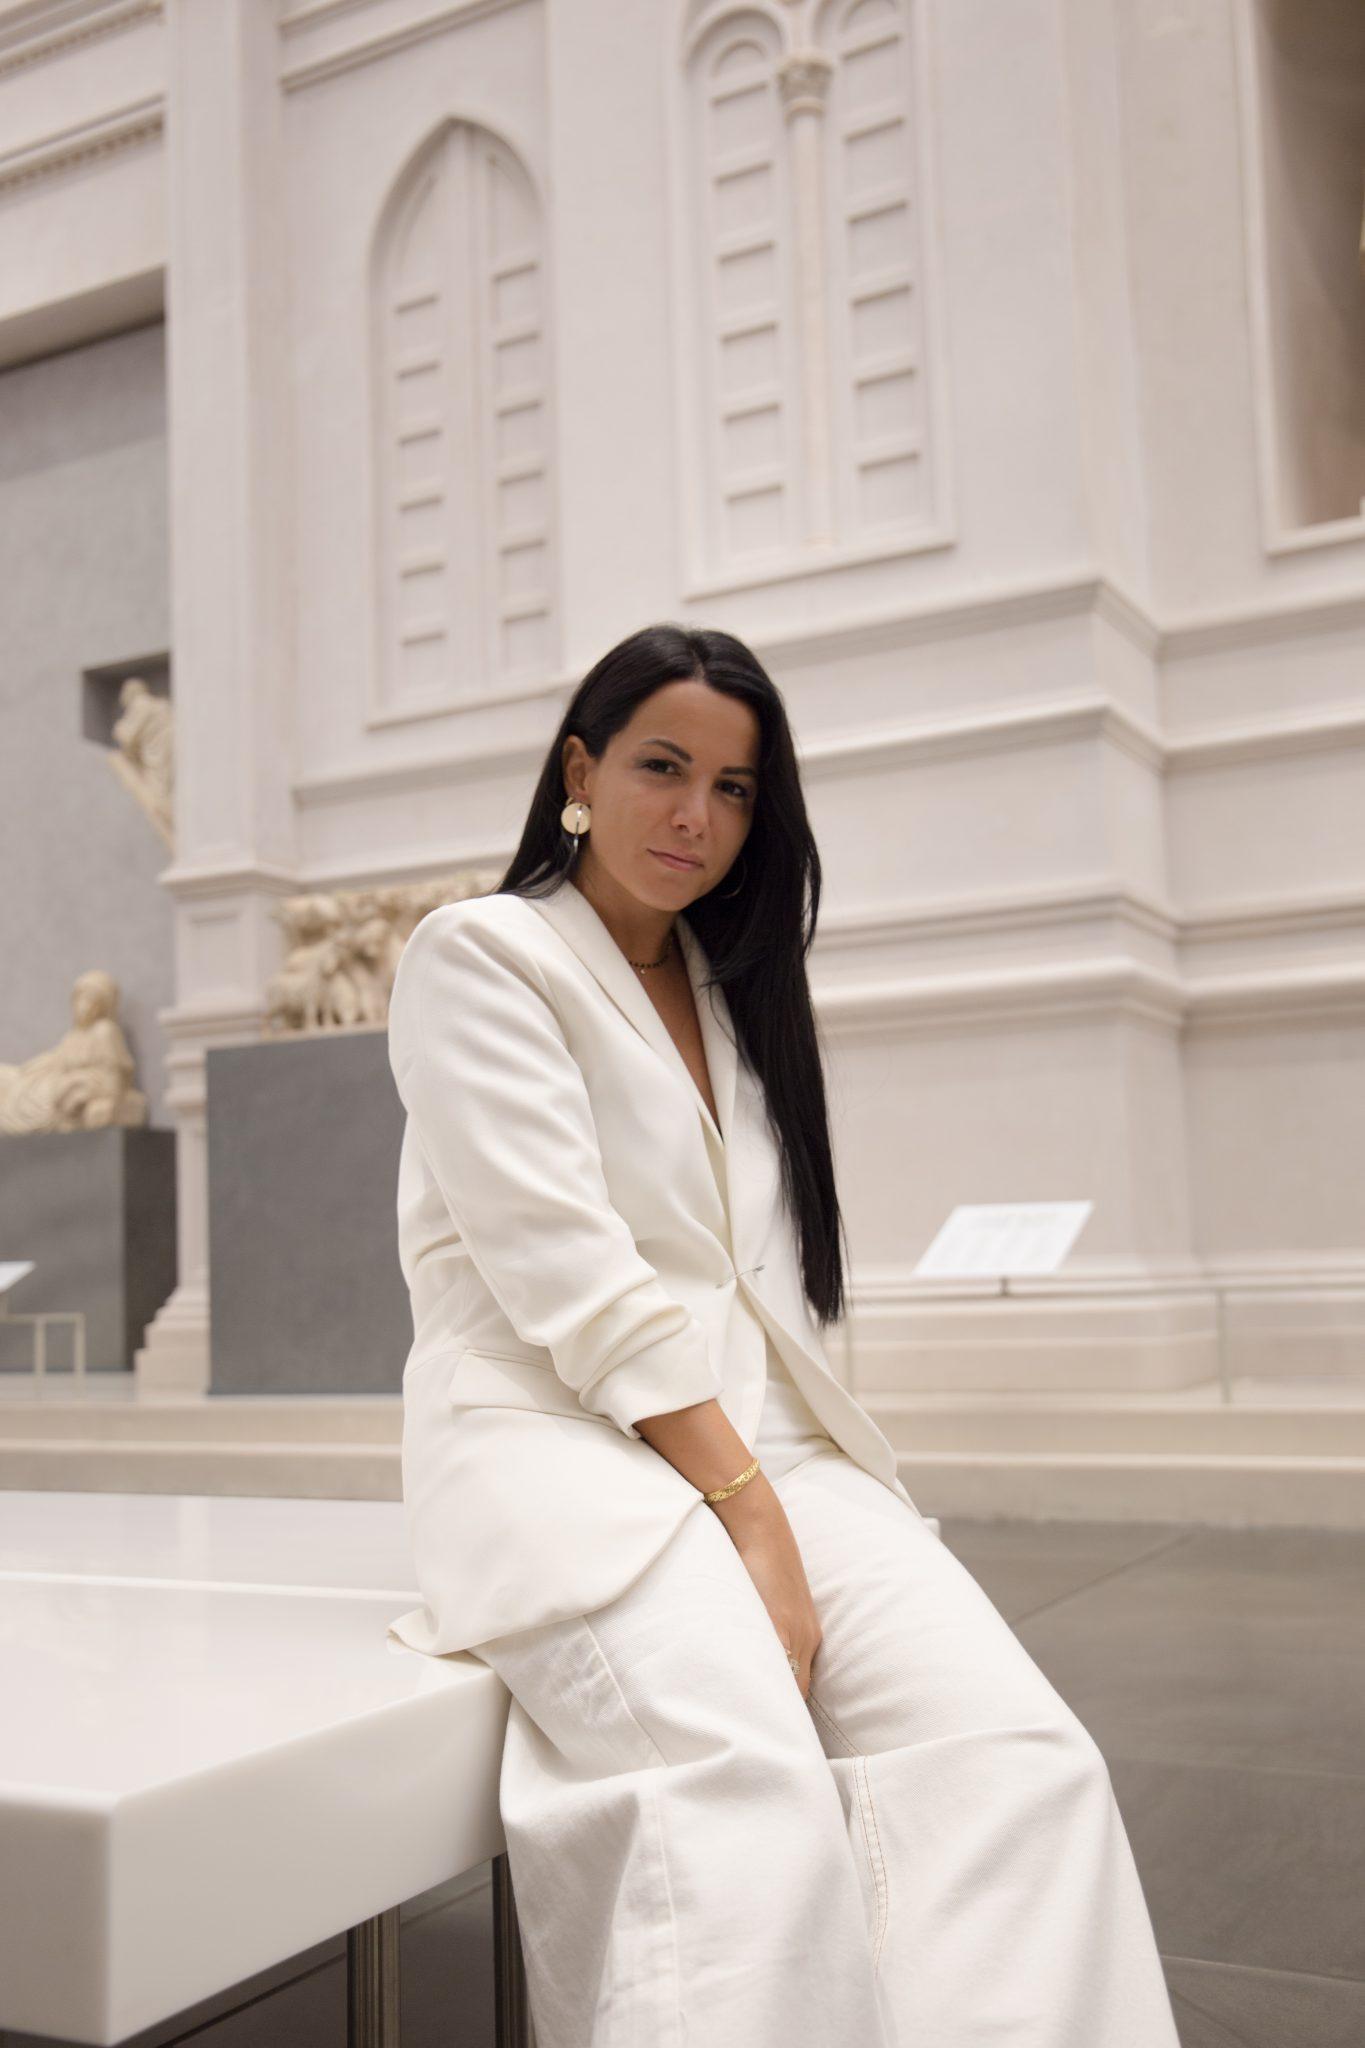 Nuove leve – Curatori tra arte e Design. La storia di Valentina Guidi Ottobri